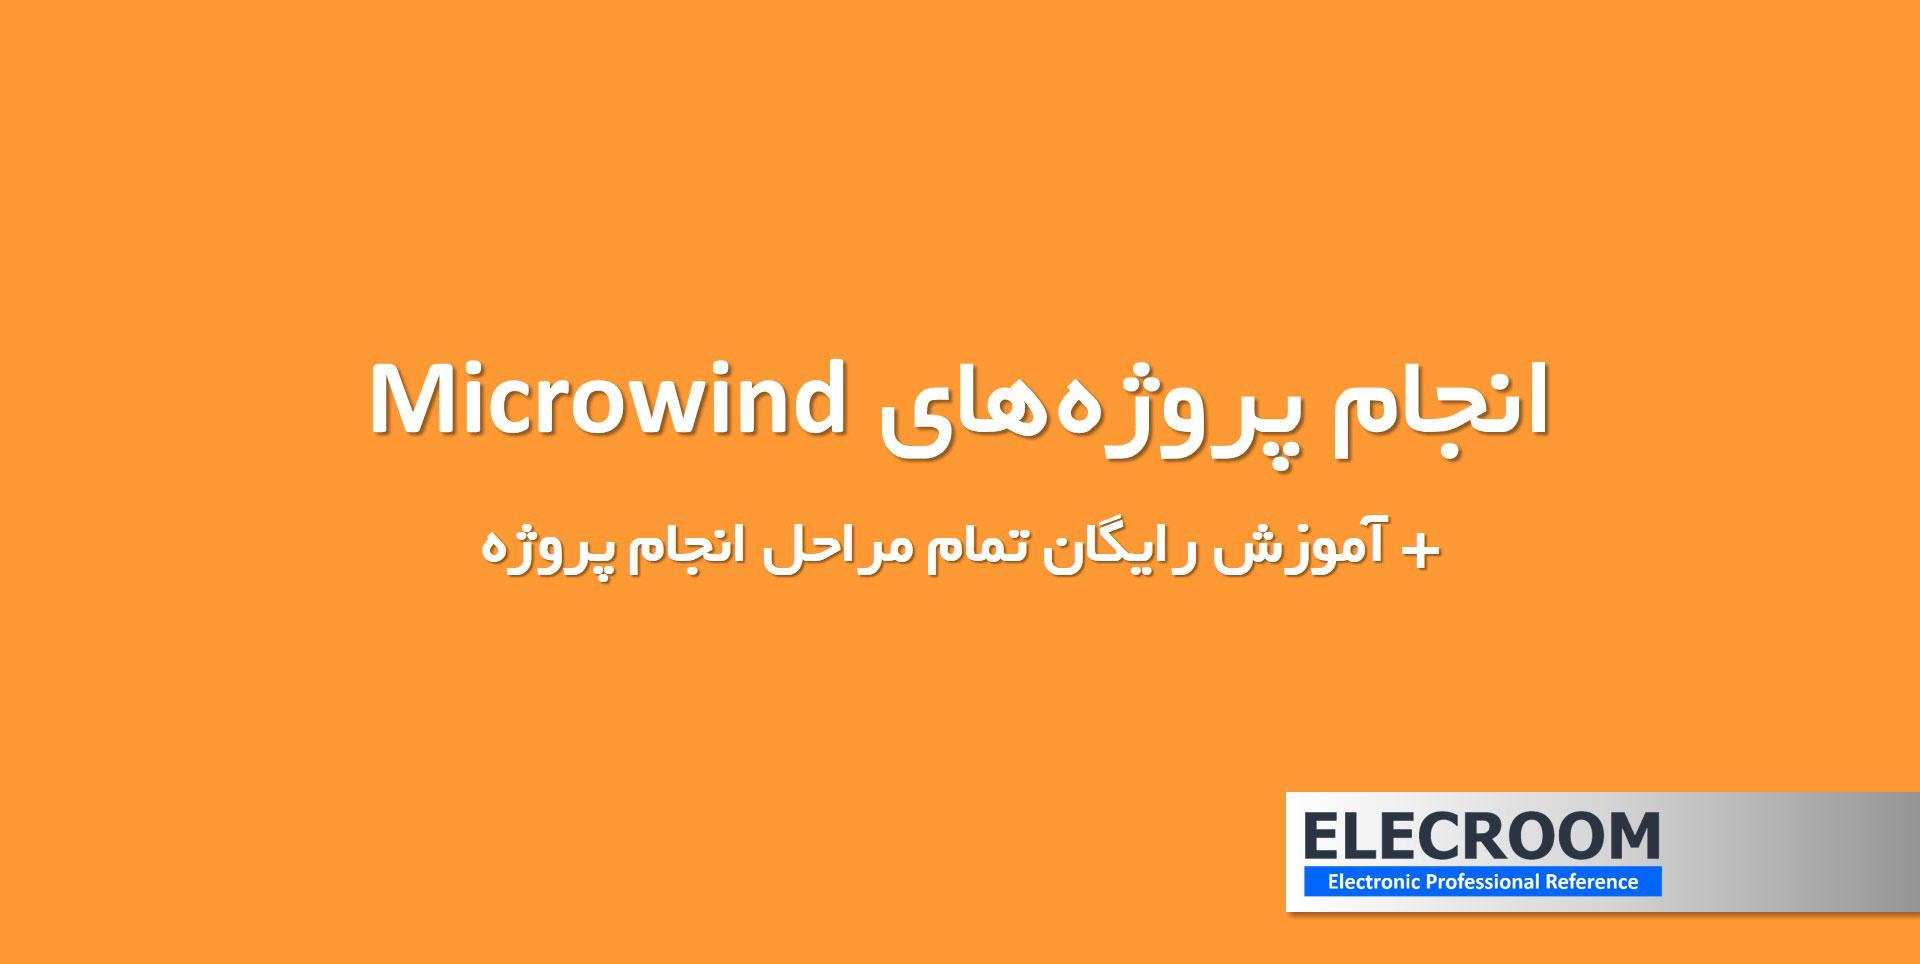 انجام پروژه های Microwind با آموزش رایگان